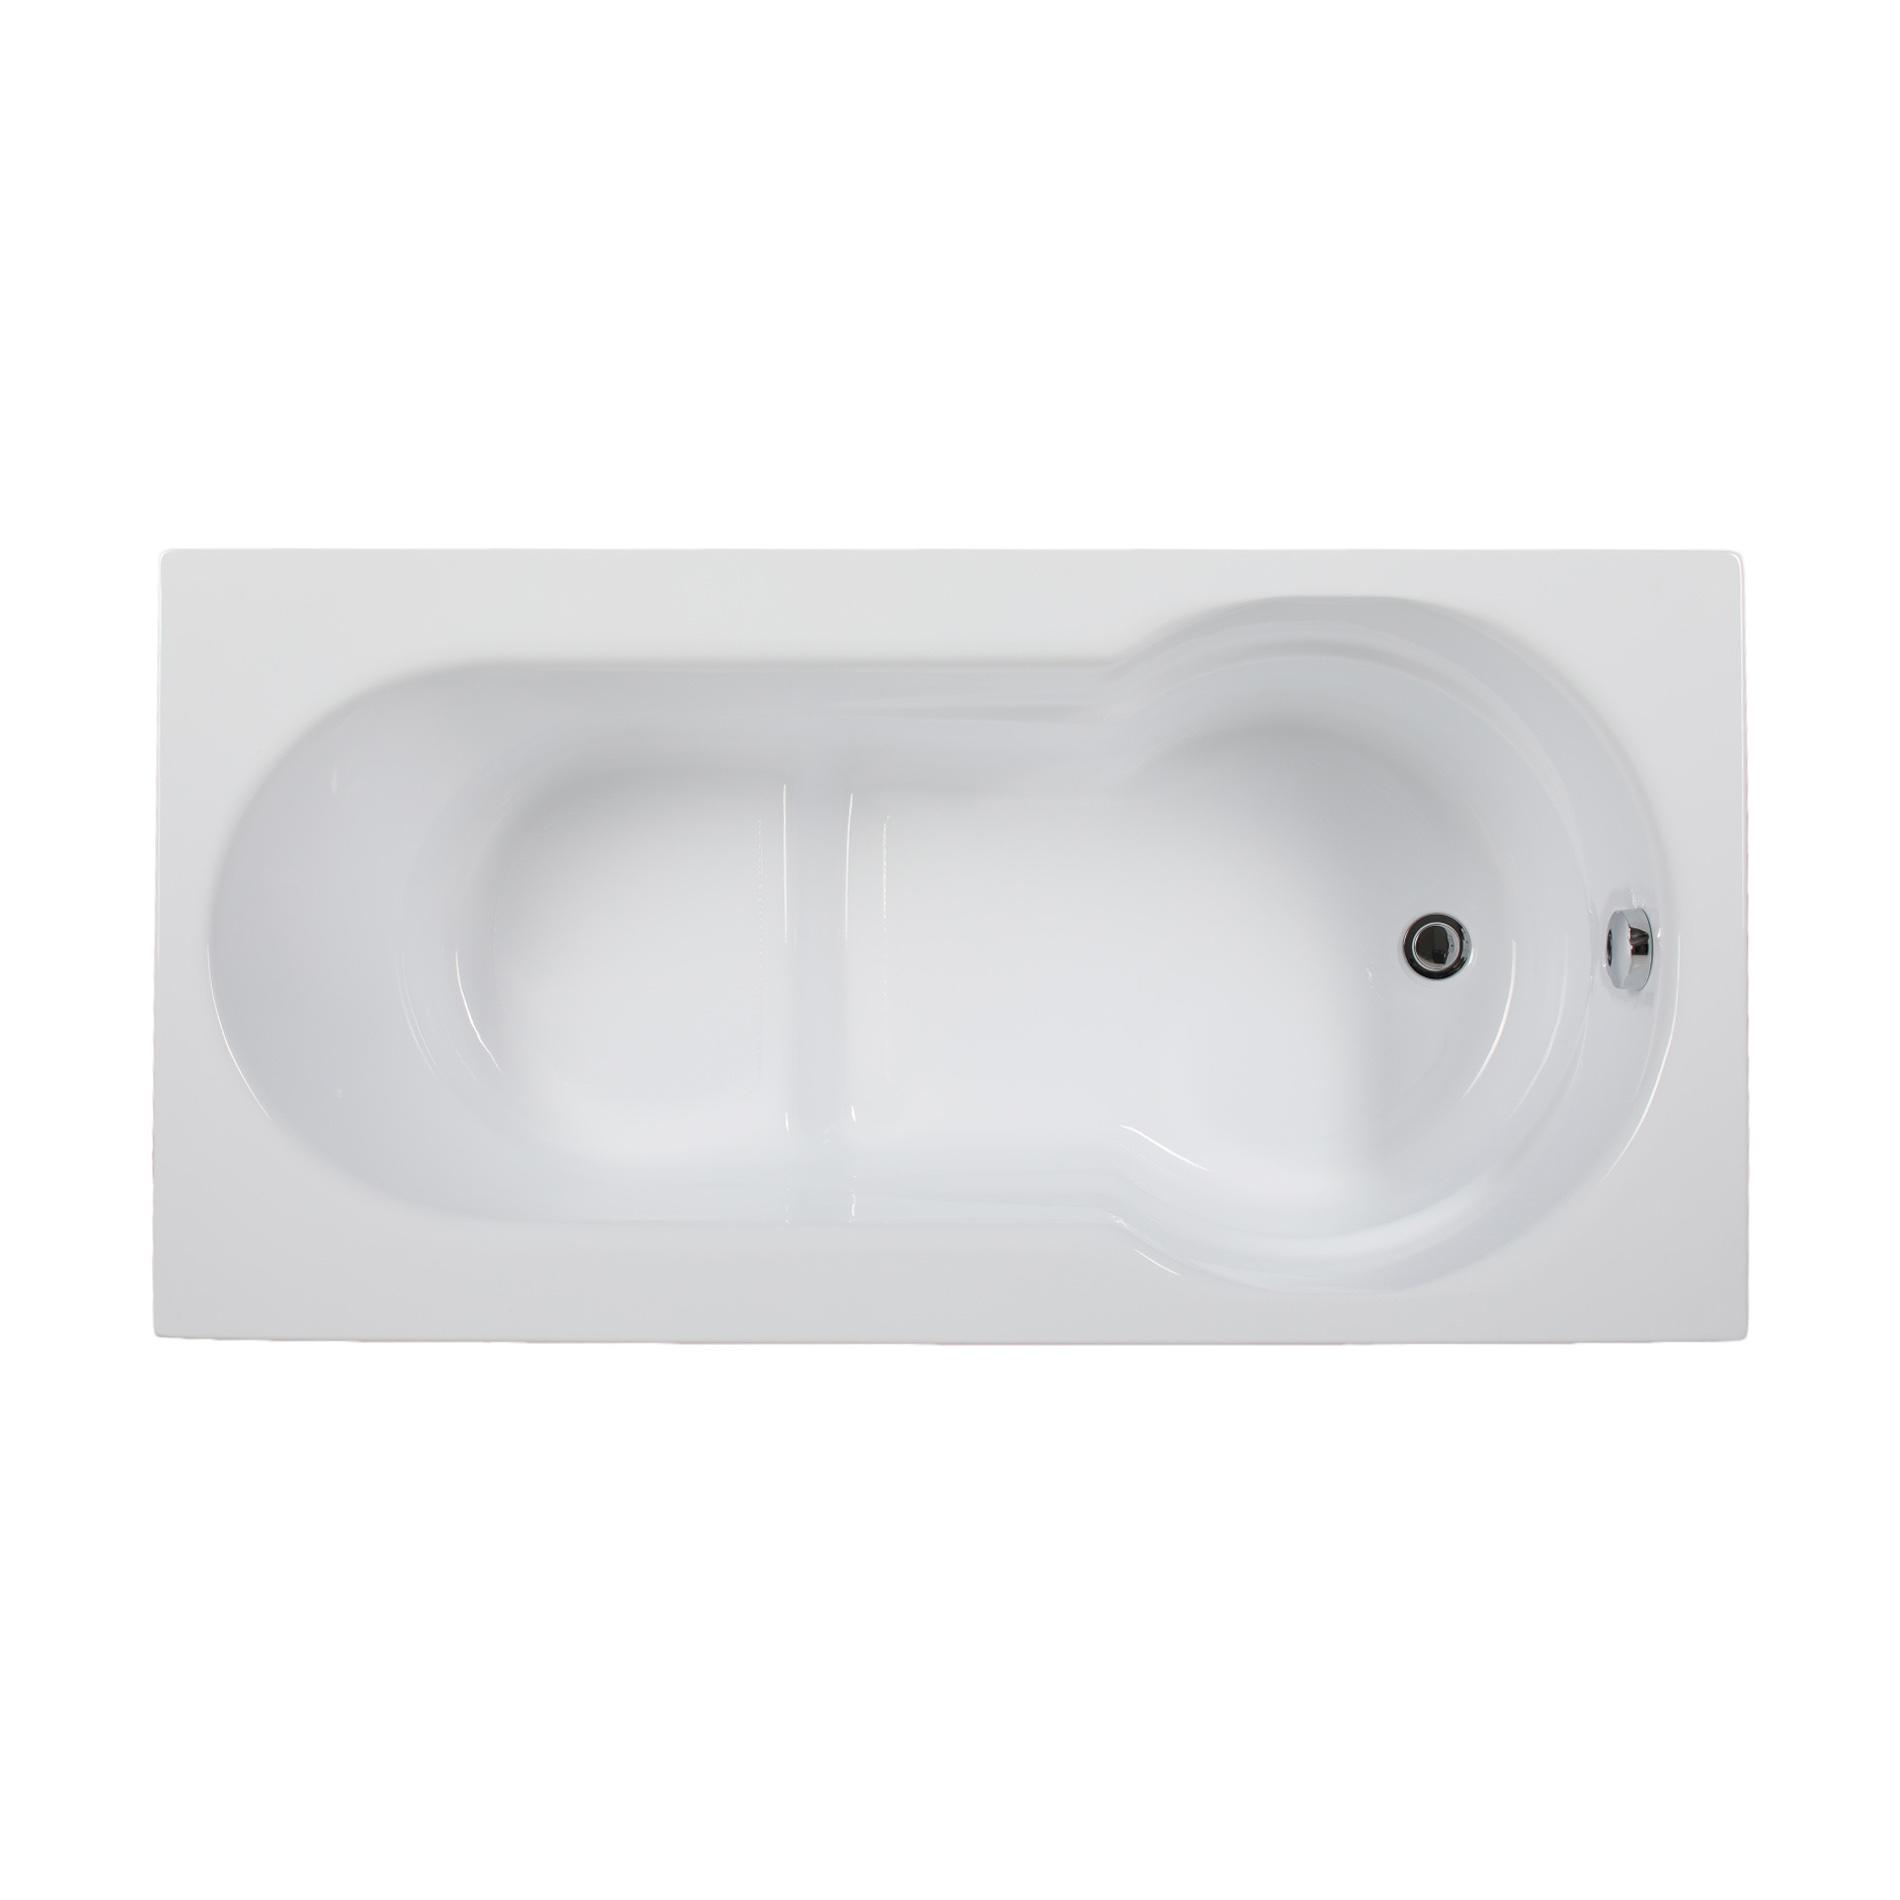 Акриловая ванна Aquanet Largo 120х70 аксессуар devia pheez series 3 in 1 lightning type c micro usb 1m black